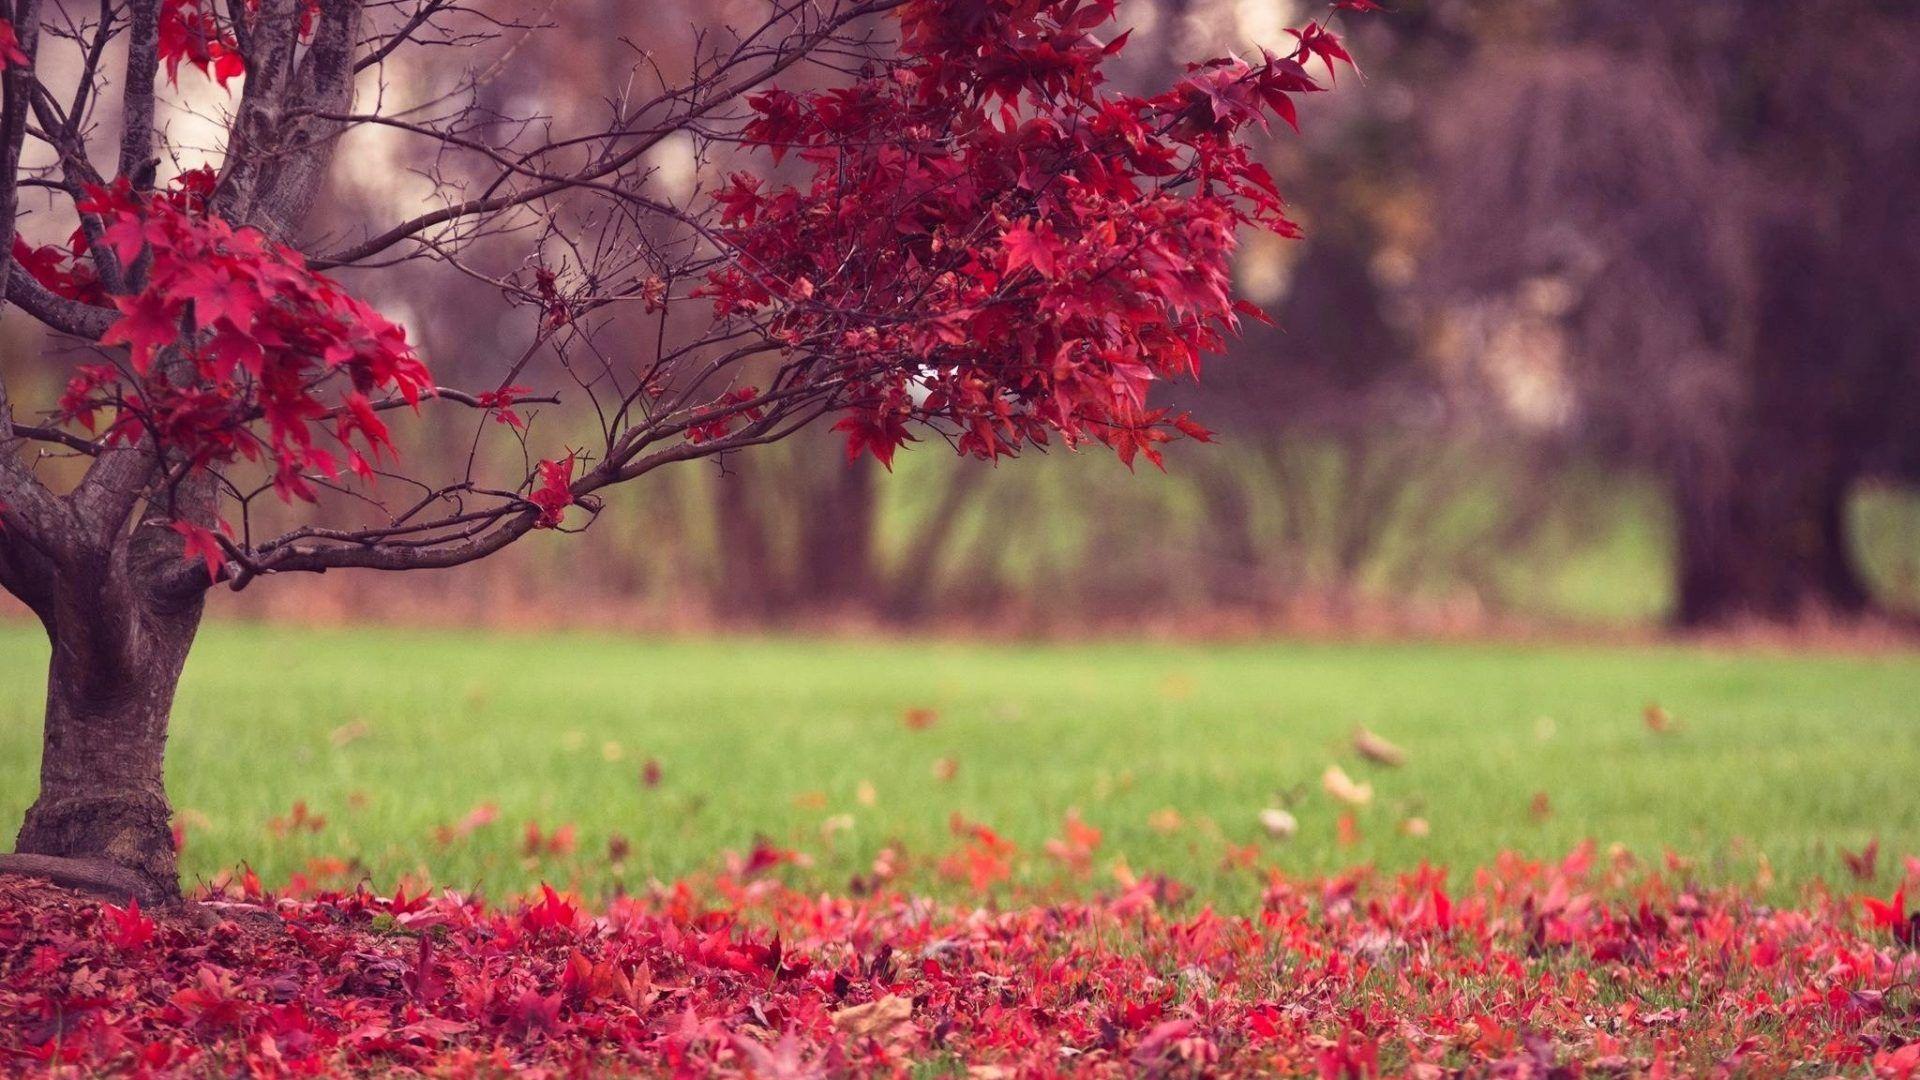 Desktop Wallpaper Hd Full Screen Nature In 2020 Desktop Wallpaper Full Screen Nature Desktop Wallpaper Hd Nature Wallpapers